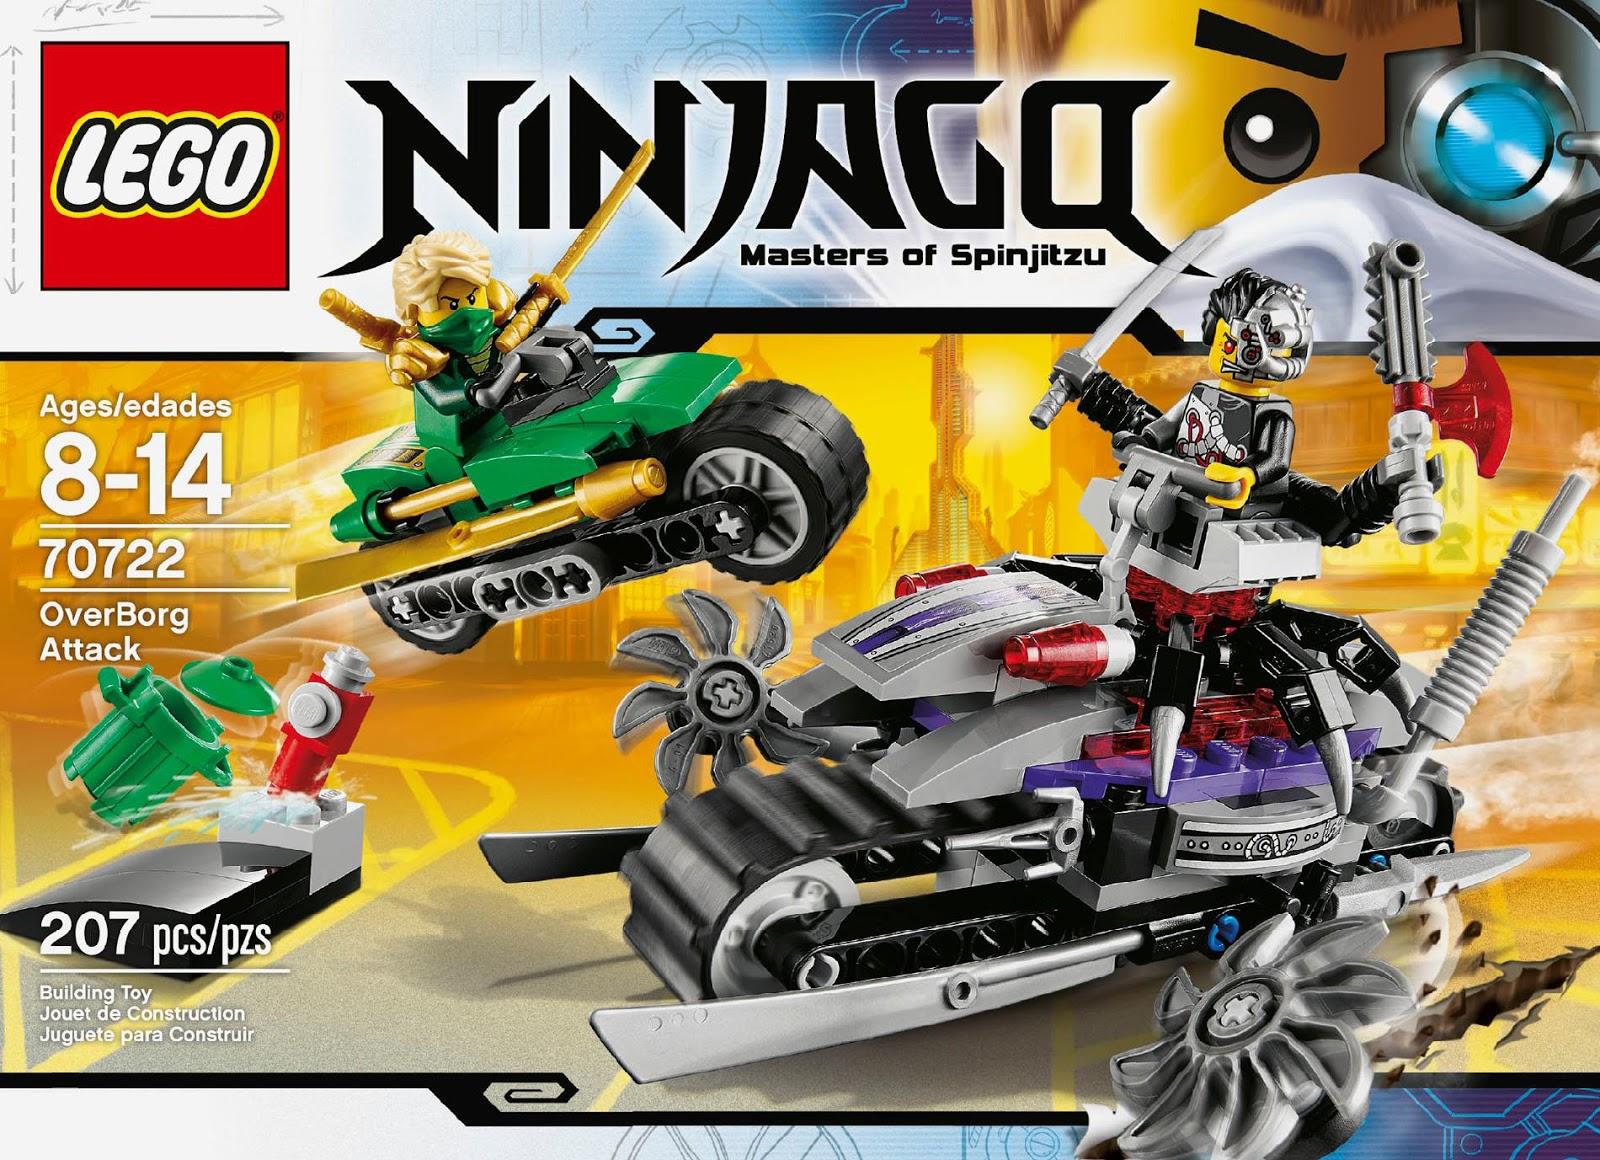 Imagen - Lego Ninjago 70722 OverBorg Attack.jpg   Wiki Ninjago ...